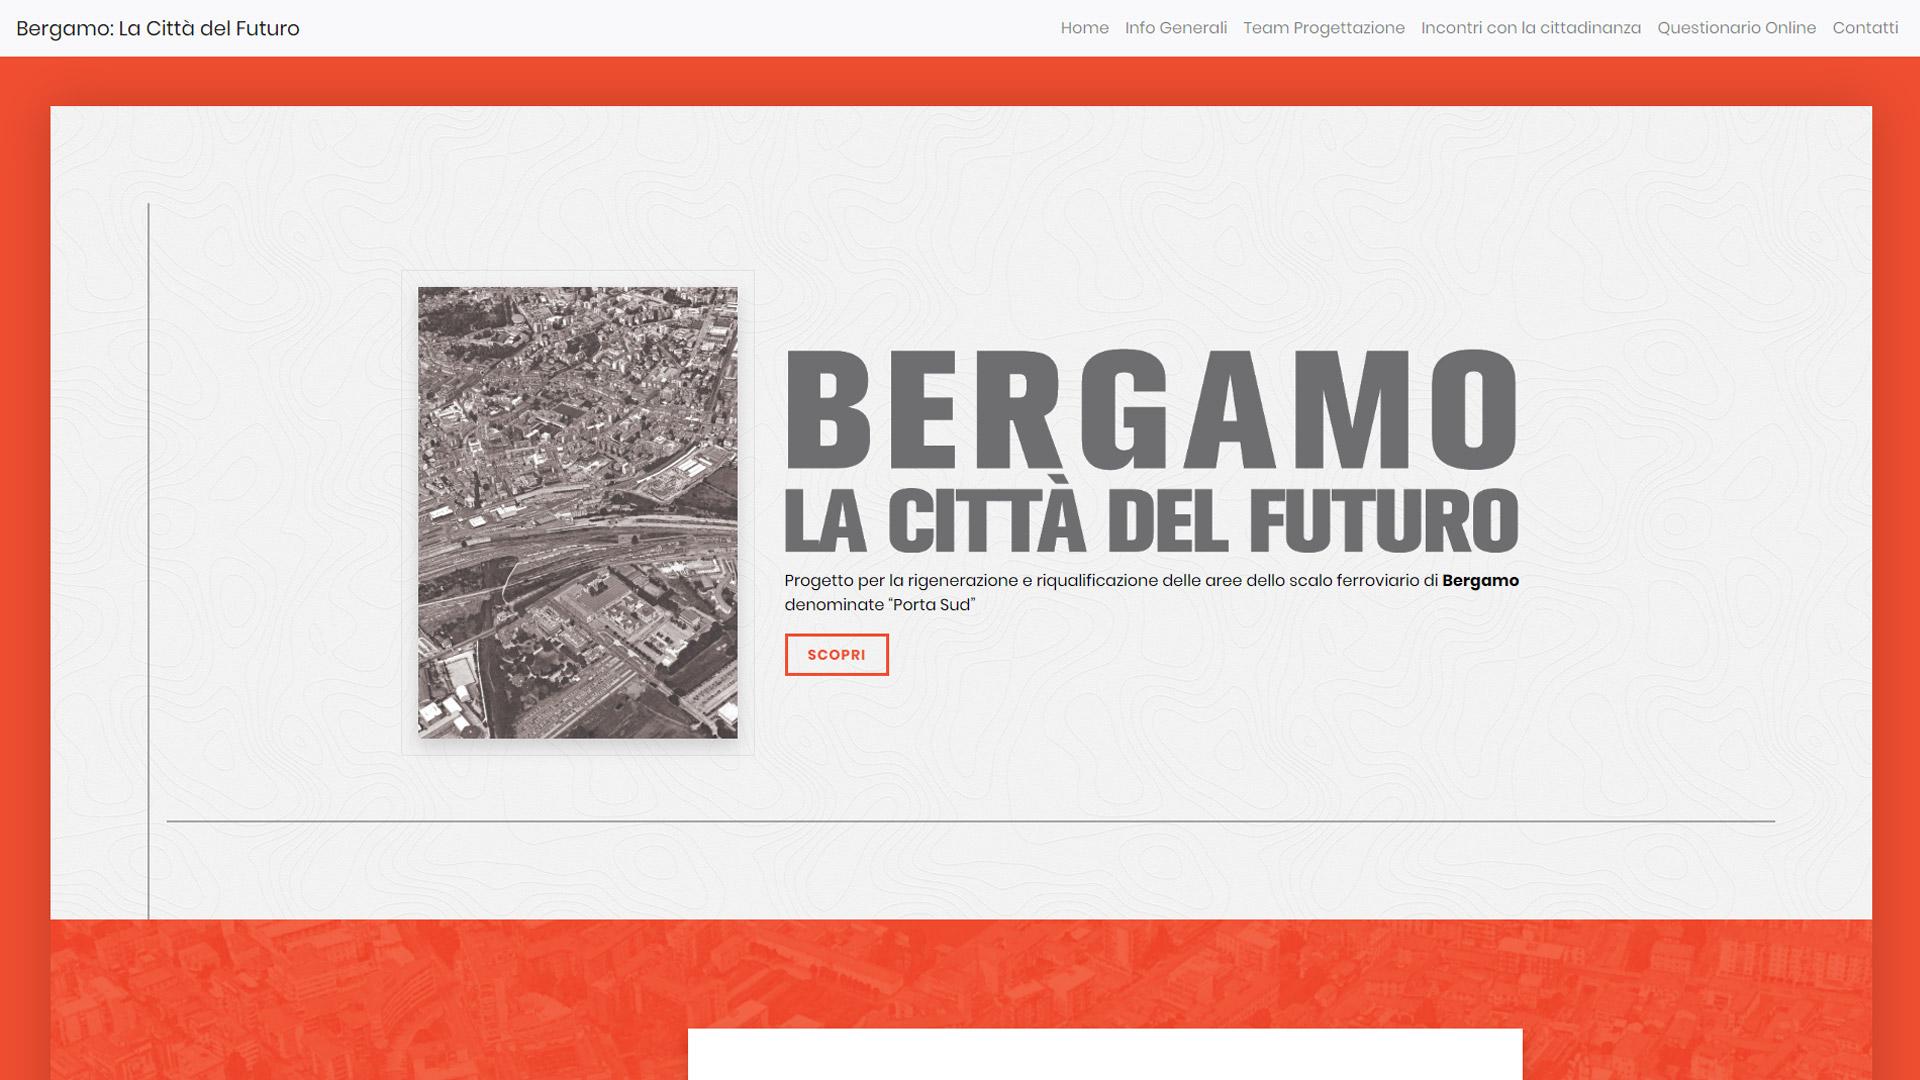 Bergamo La Città del Futuro